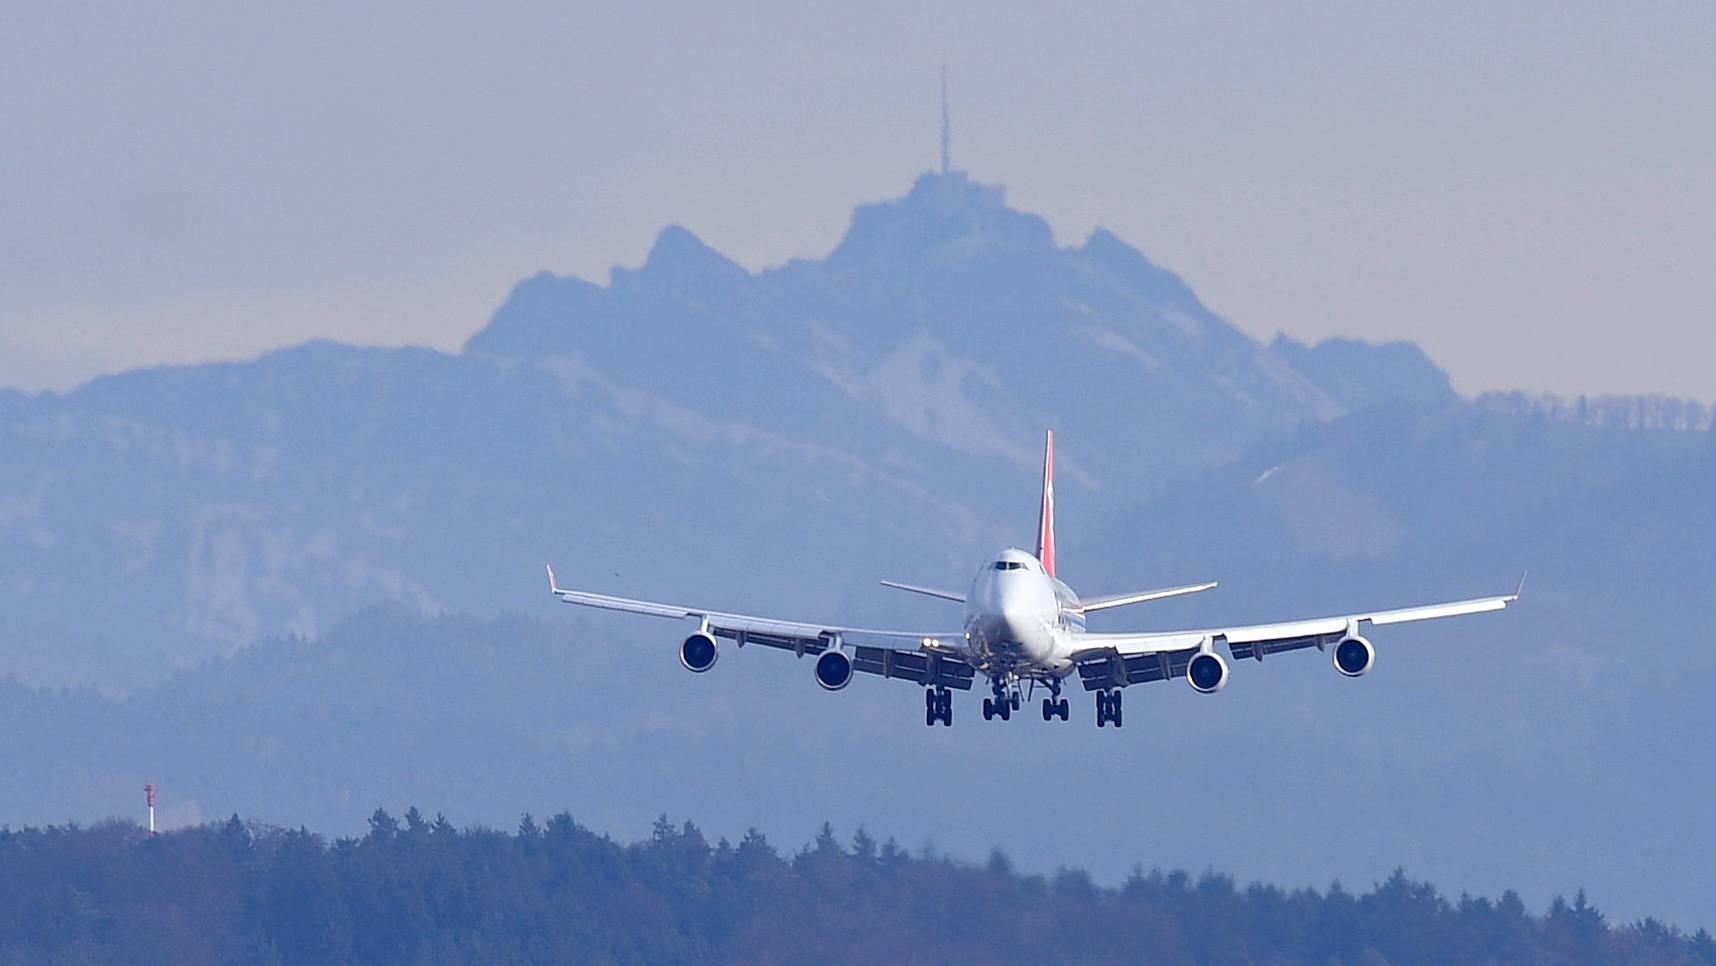 Die Flugpreise sind im August gesunken. Über das Ganze gesehen blieben die Konsumentenpreise jedoch stabil. (Symbolbild)